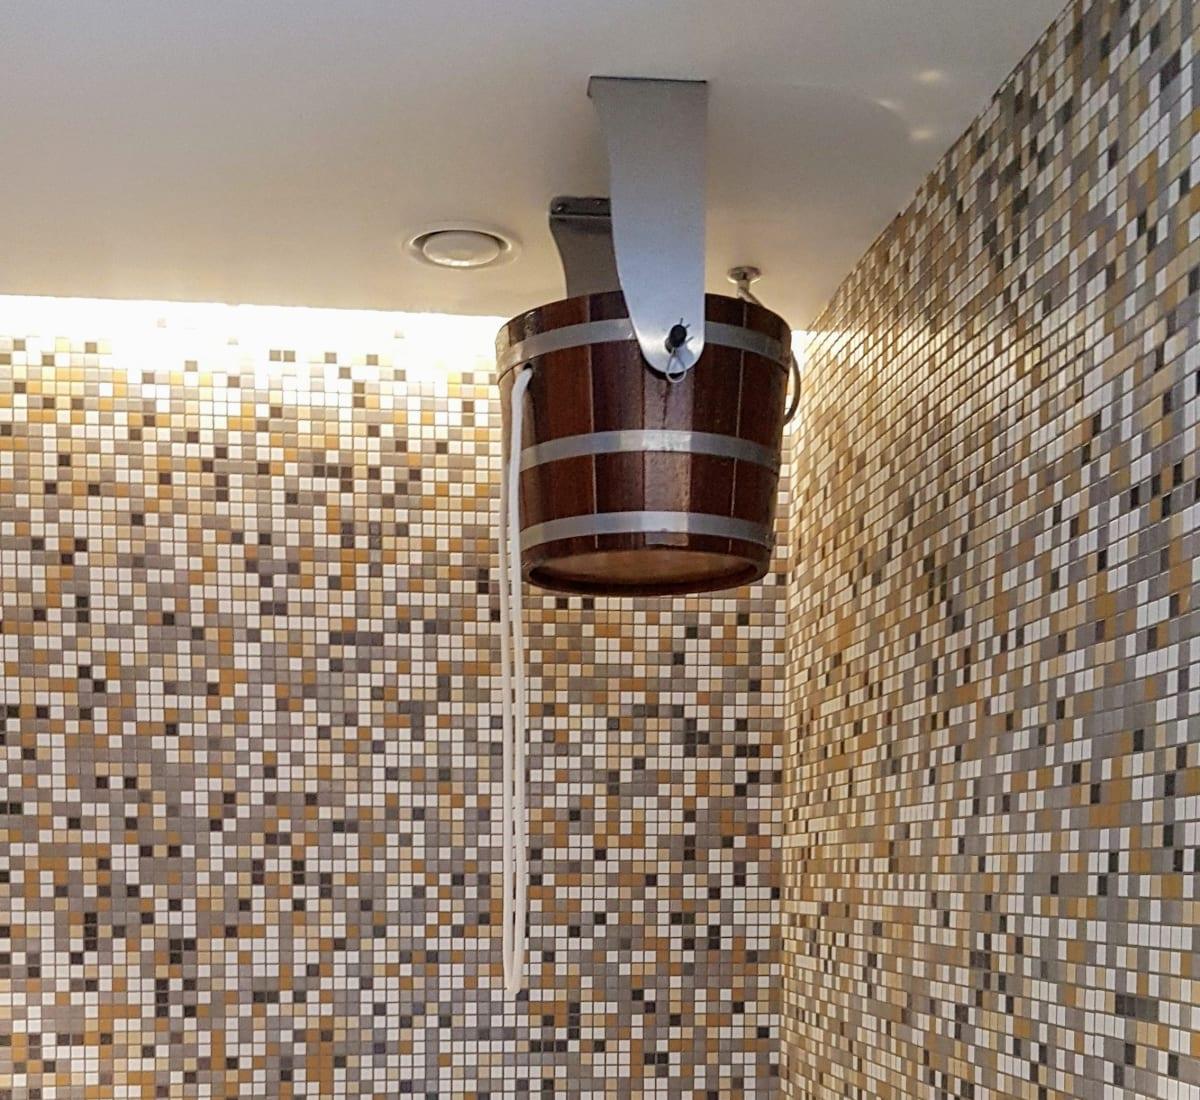 דלי מים קרים לשימוש בצאתכם מהסאונה במלון הספא האוסטרי